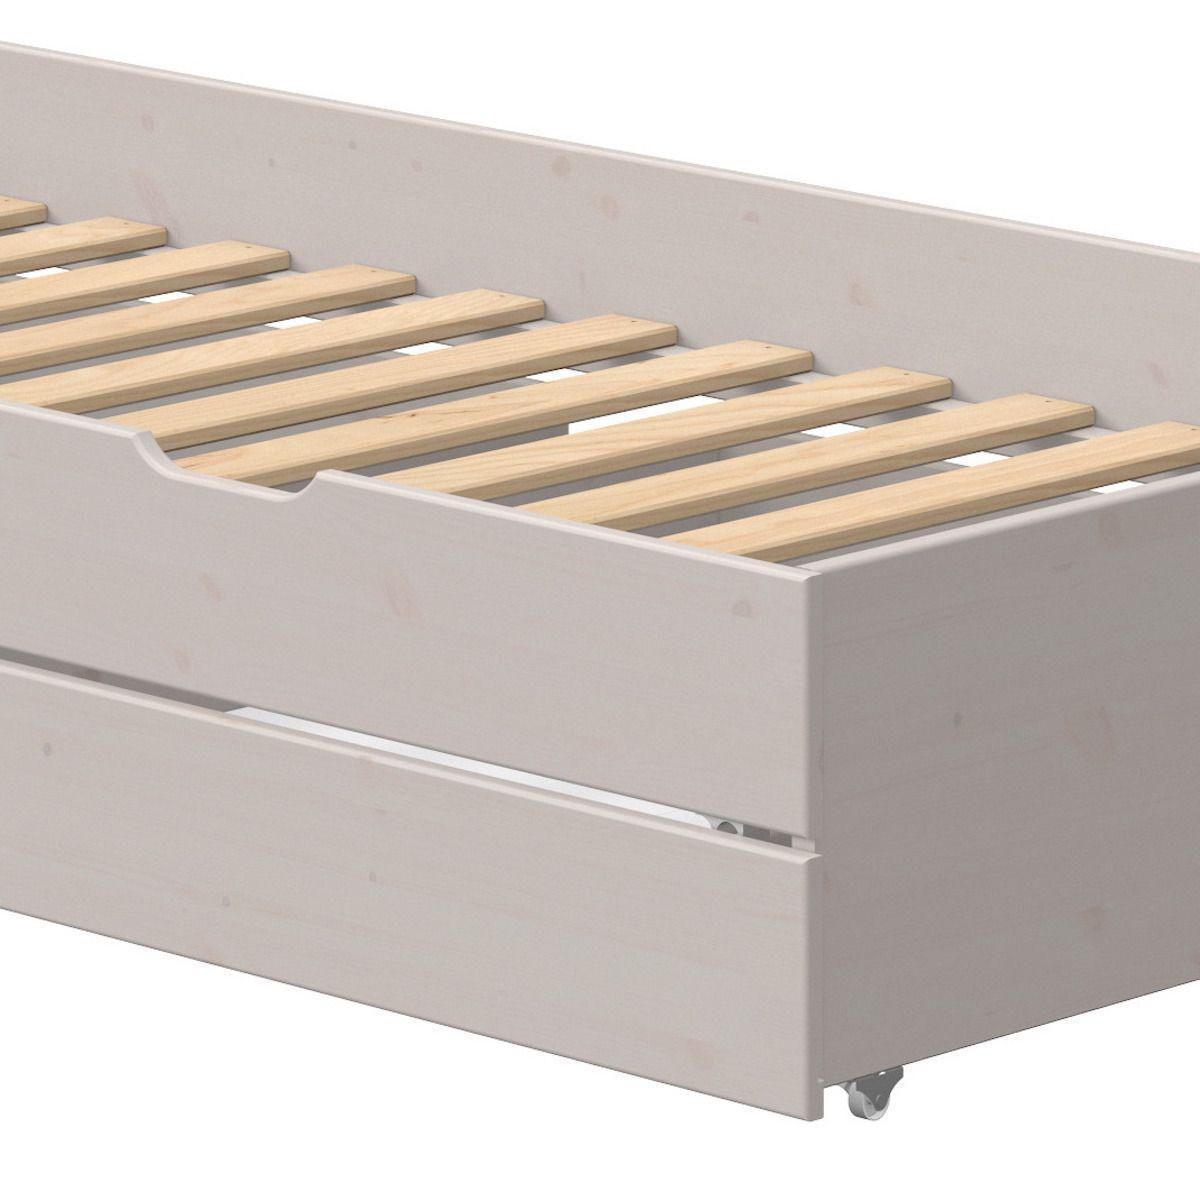 Gastebett 90x190cm 2 Schubladen niedriges Bett CLASSIC Flexa grey washed